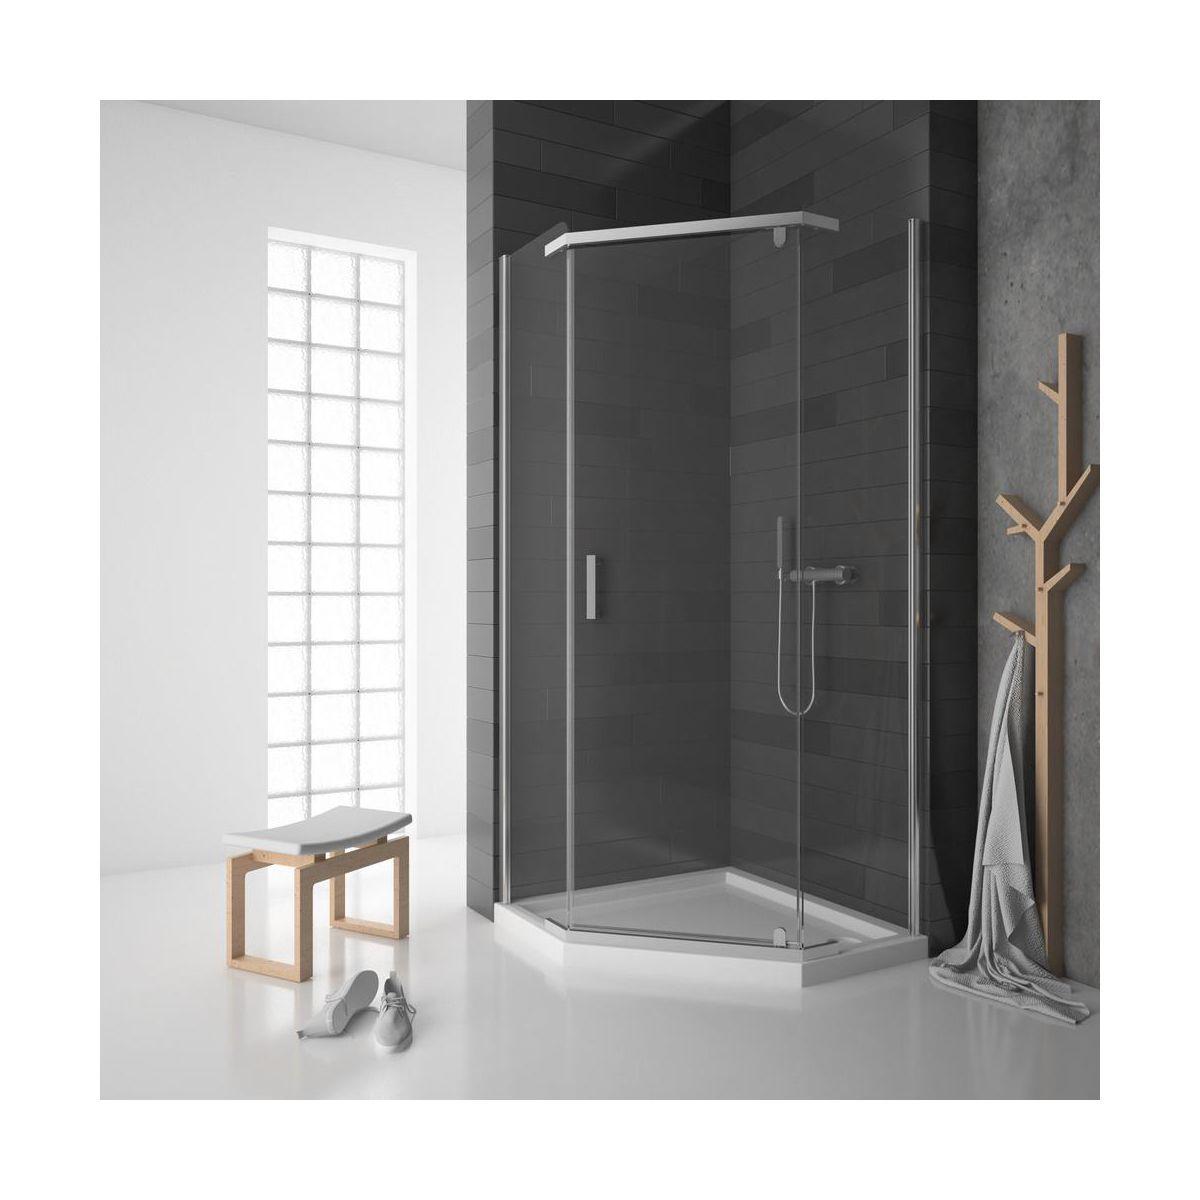 Kabina Prysznicowa Wellneo Perfetto 90x90 Jasna Leroy Merlin Bathtub Bathroom